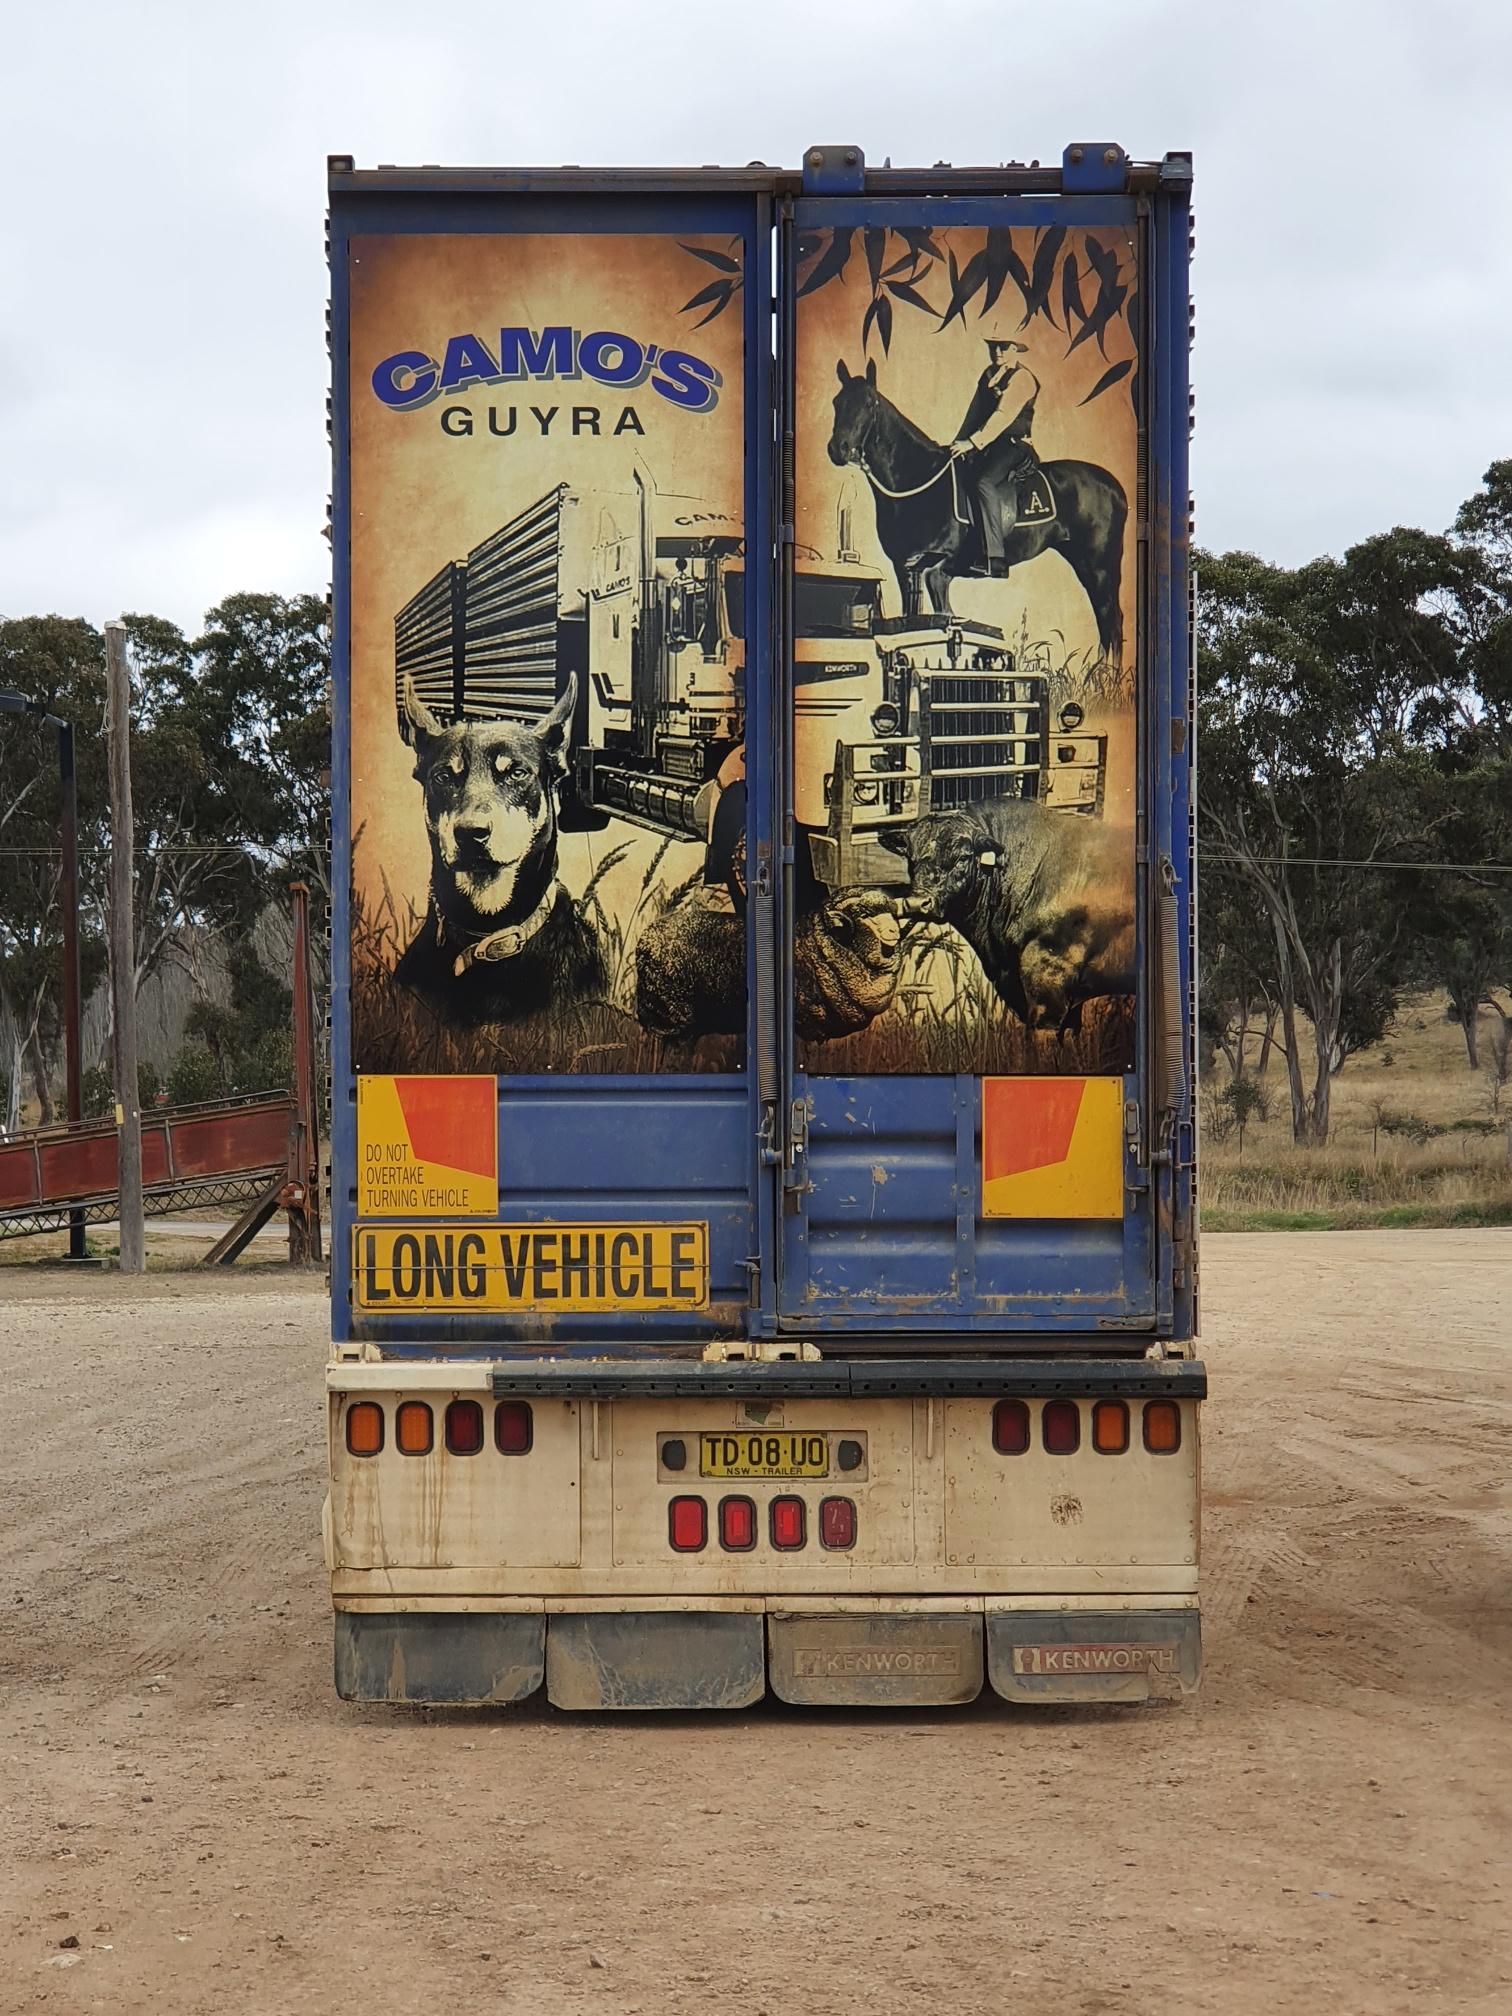 AOK Signs - Camo's Guyra Truck